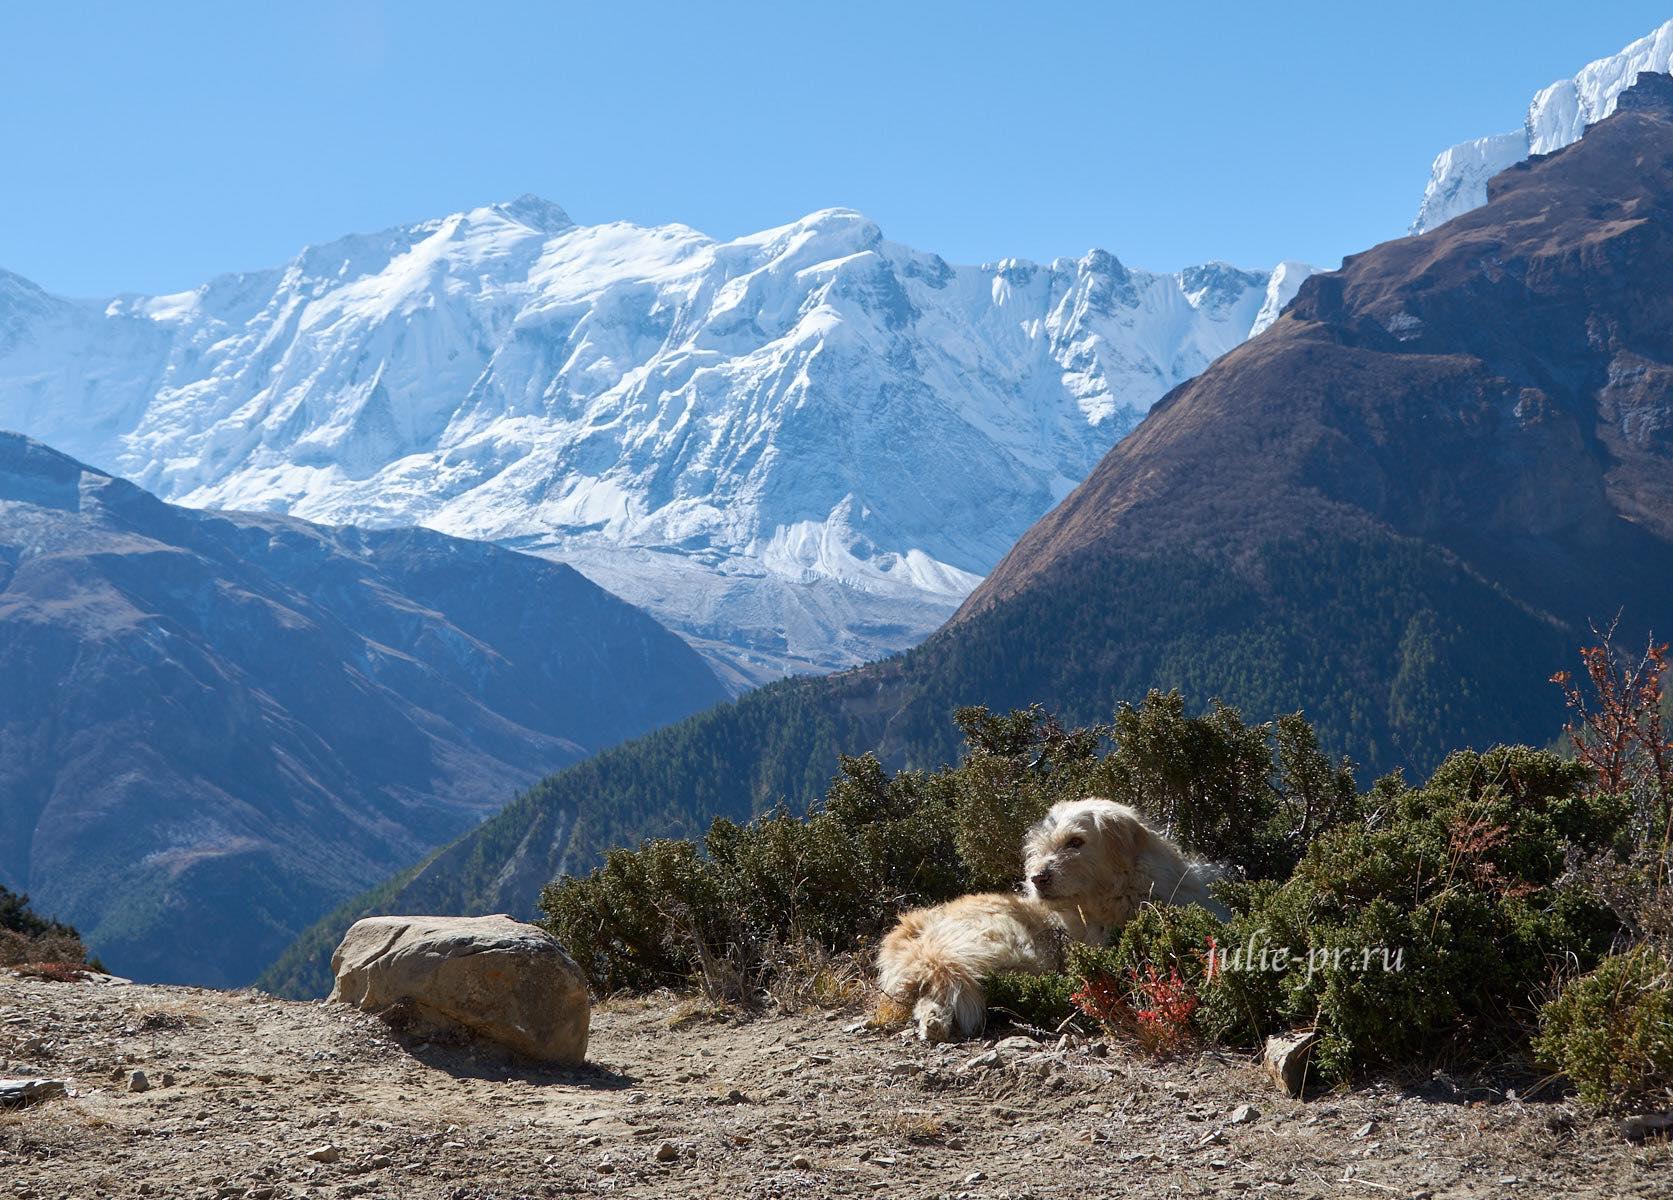 Непал, Трек вокруг Аннапурны, Собака